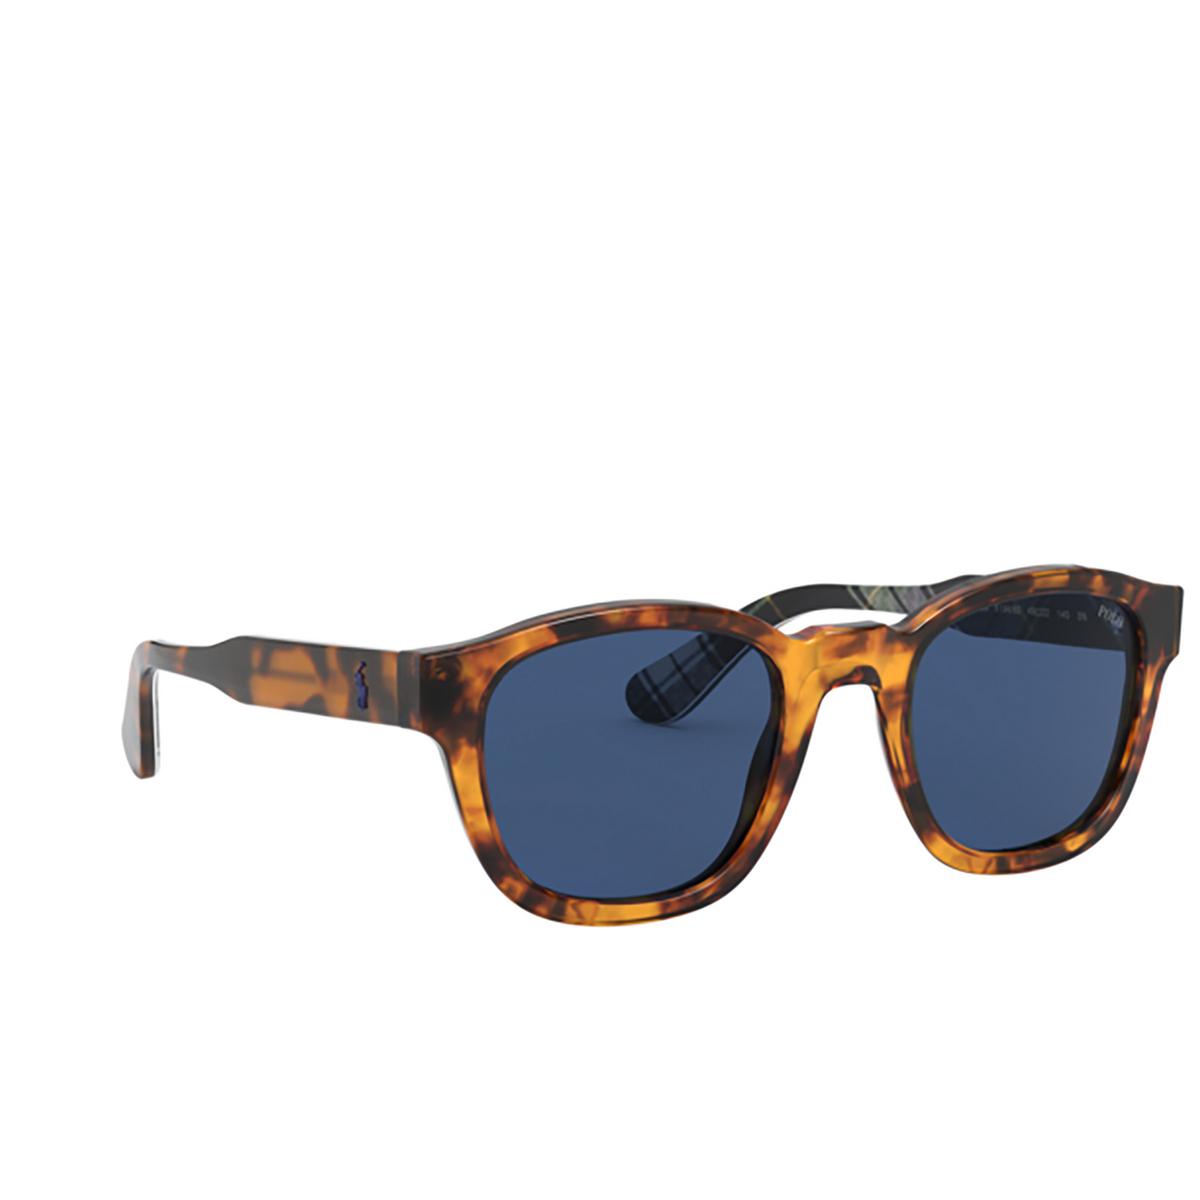 Polo Ralph Lauren® Square Sunglasses: PH4159 color Shiny Antique Tortoise 513480.